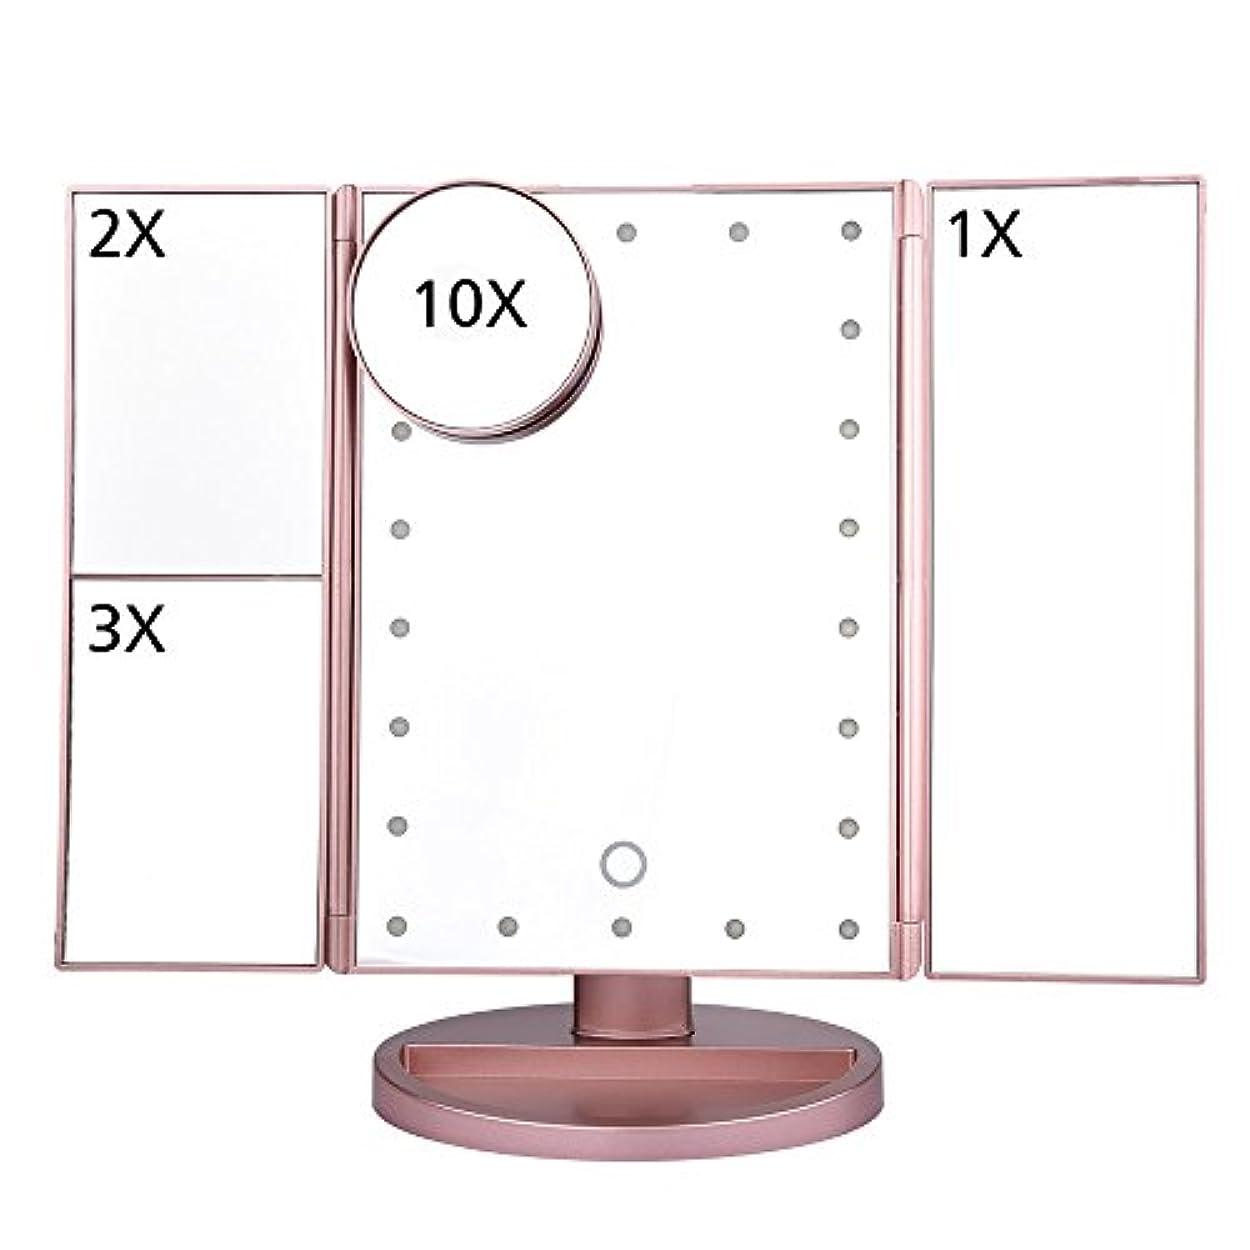 住人簡略化する解釈RAKU 化粧鏡 LED三面鏡 卓上ミラー 卓上メークミラー 三つ折タイプ 2倍 3倍 10倍拡大鏡付き 明るさ調節可能 180度自由回転 22個LEDライト付き USB/単四電池給電 三つ折卓上化粧鏡 女性のプレゼント...